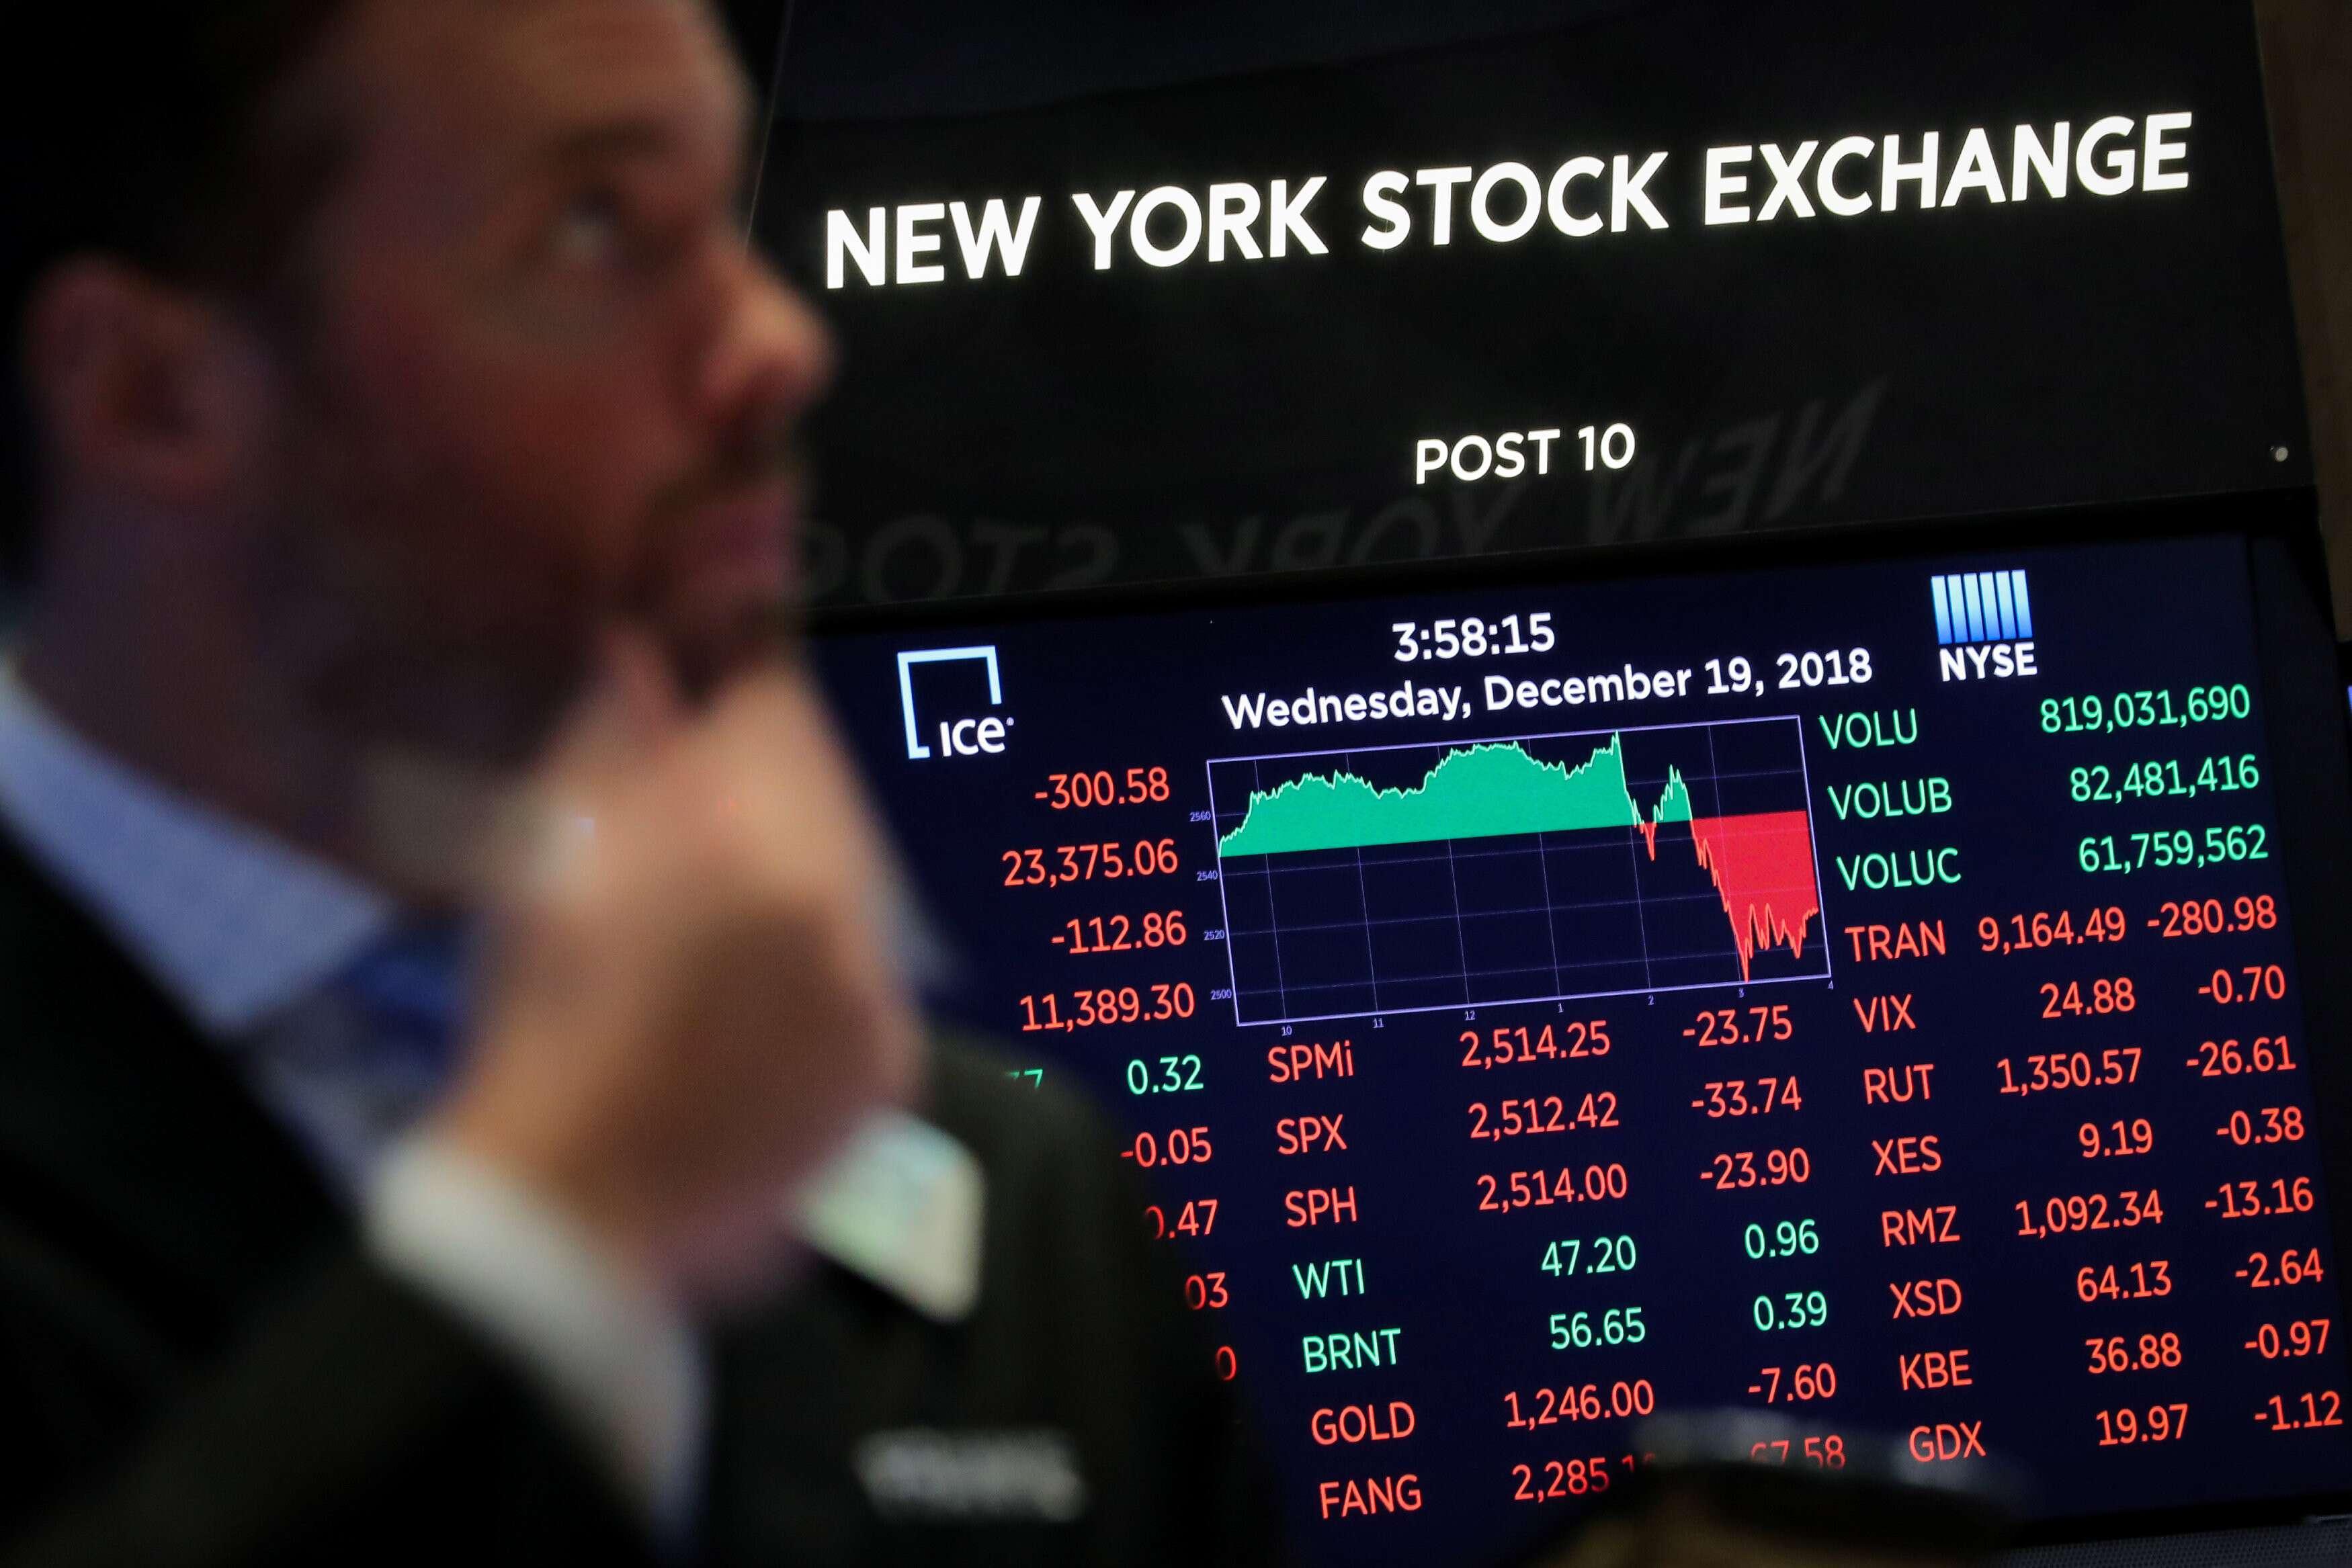 美联储无视特朗普干预宣布加息 美股全面下挫